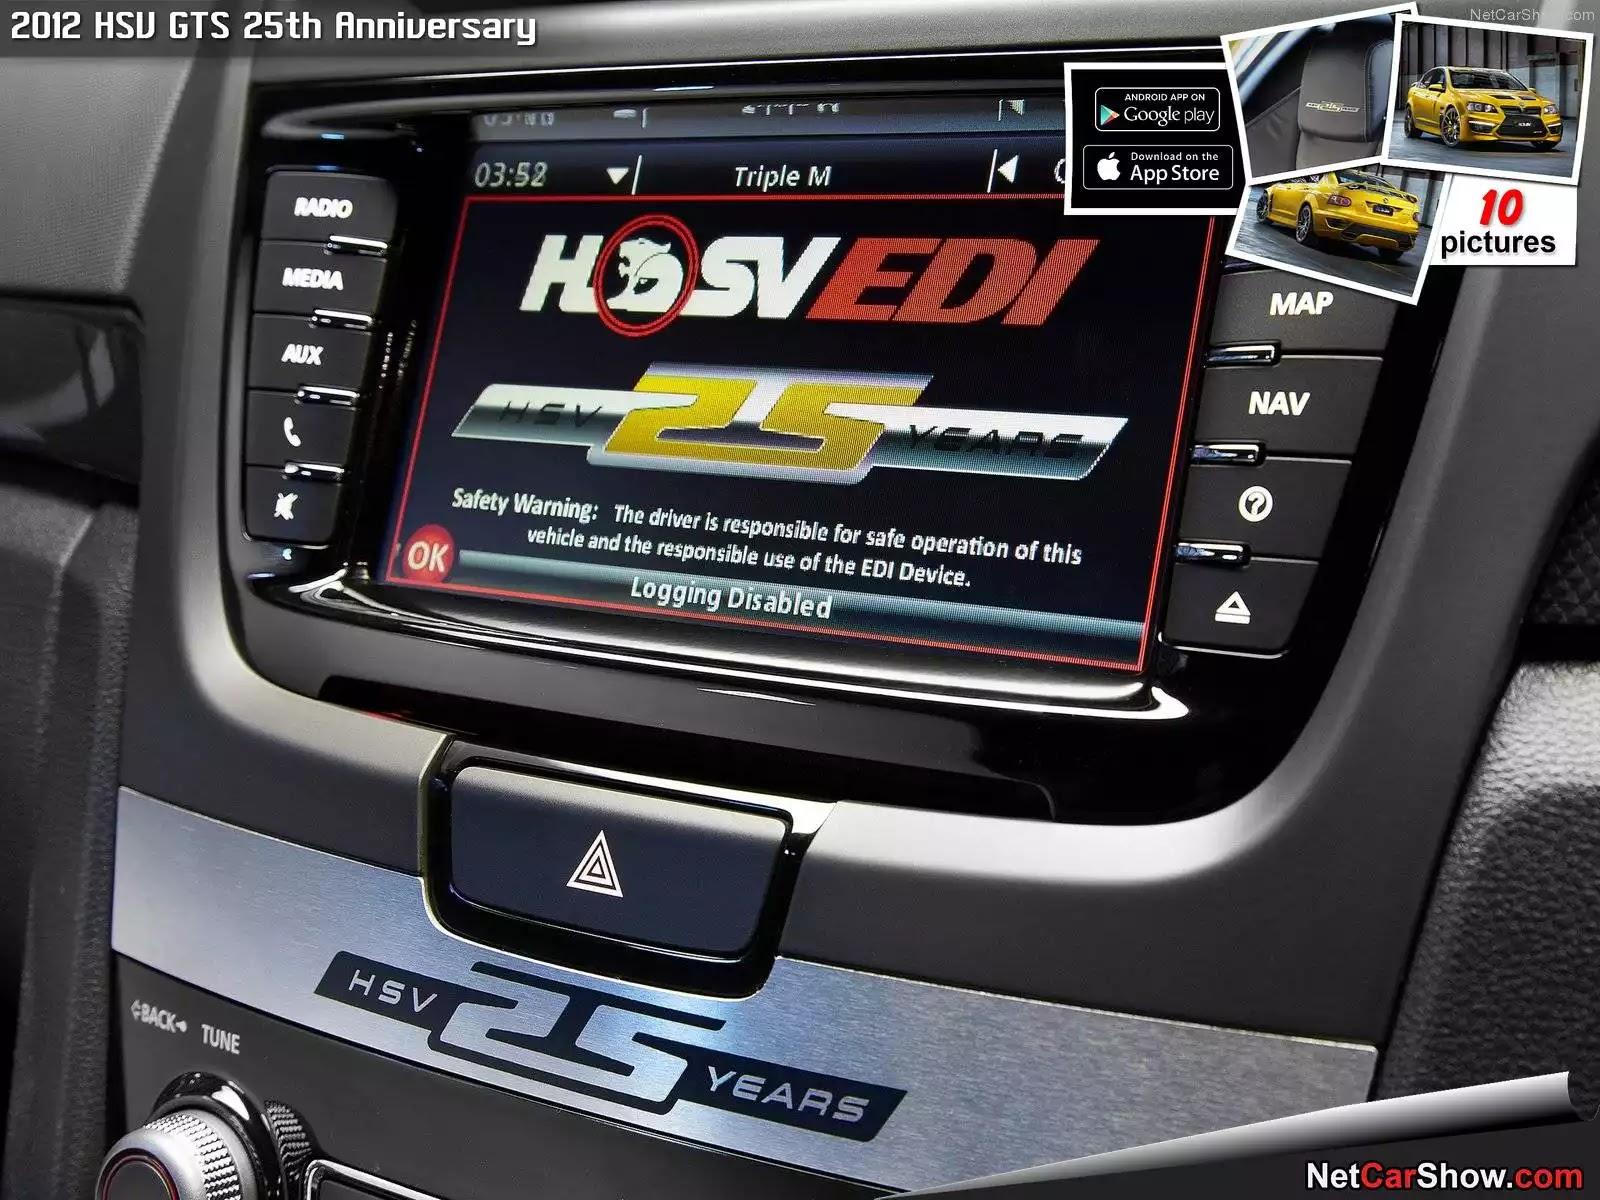 Hình ảnh xe ô tô HSV GTS 25th Anniversary 2012 & nội ngoại thất